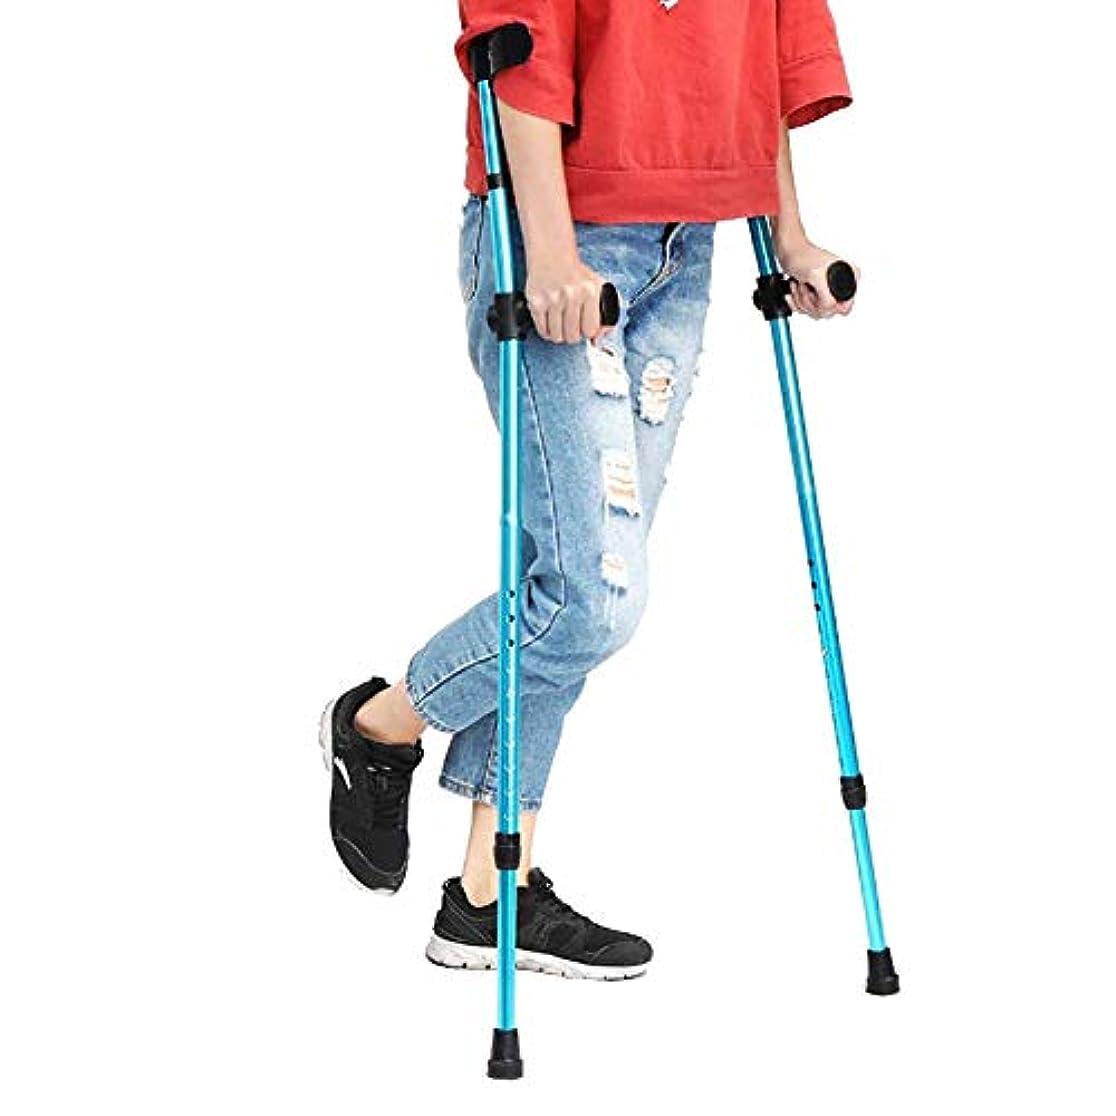 うめき挨拶視力調整可能なステッキアルミニウム引き込み式折りたたみ松葉杖前腕肘脇の下松葉杖トレッキングウォーキングスティックに適しています(2個)